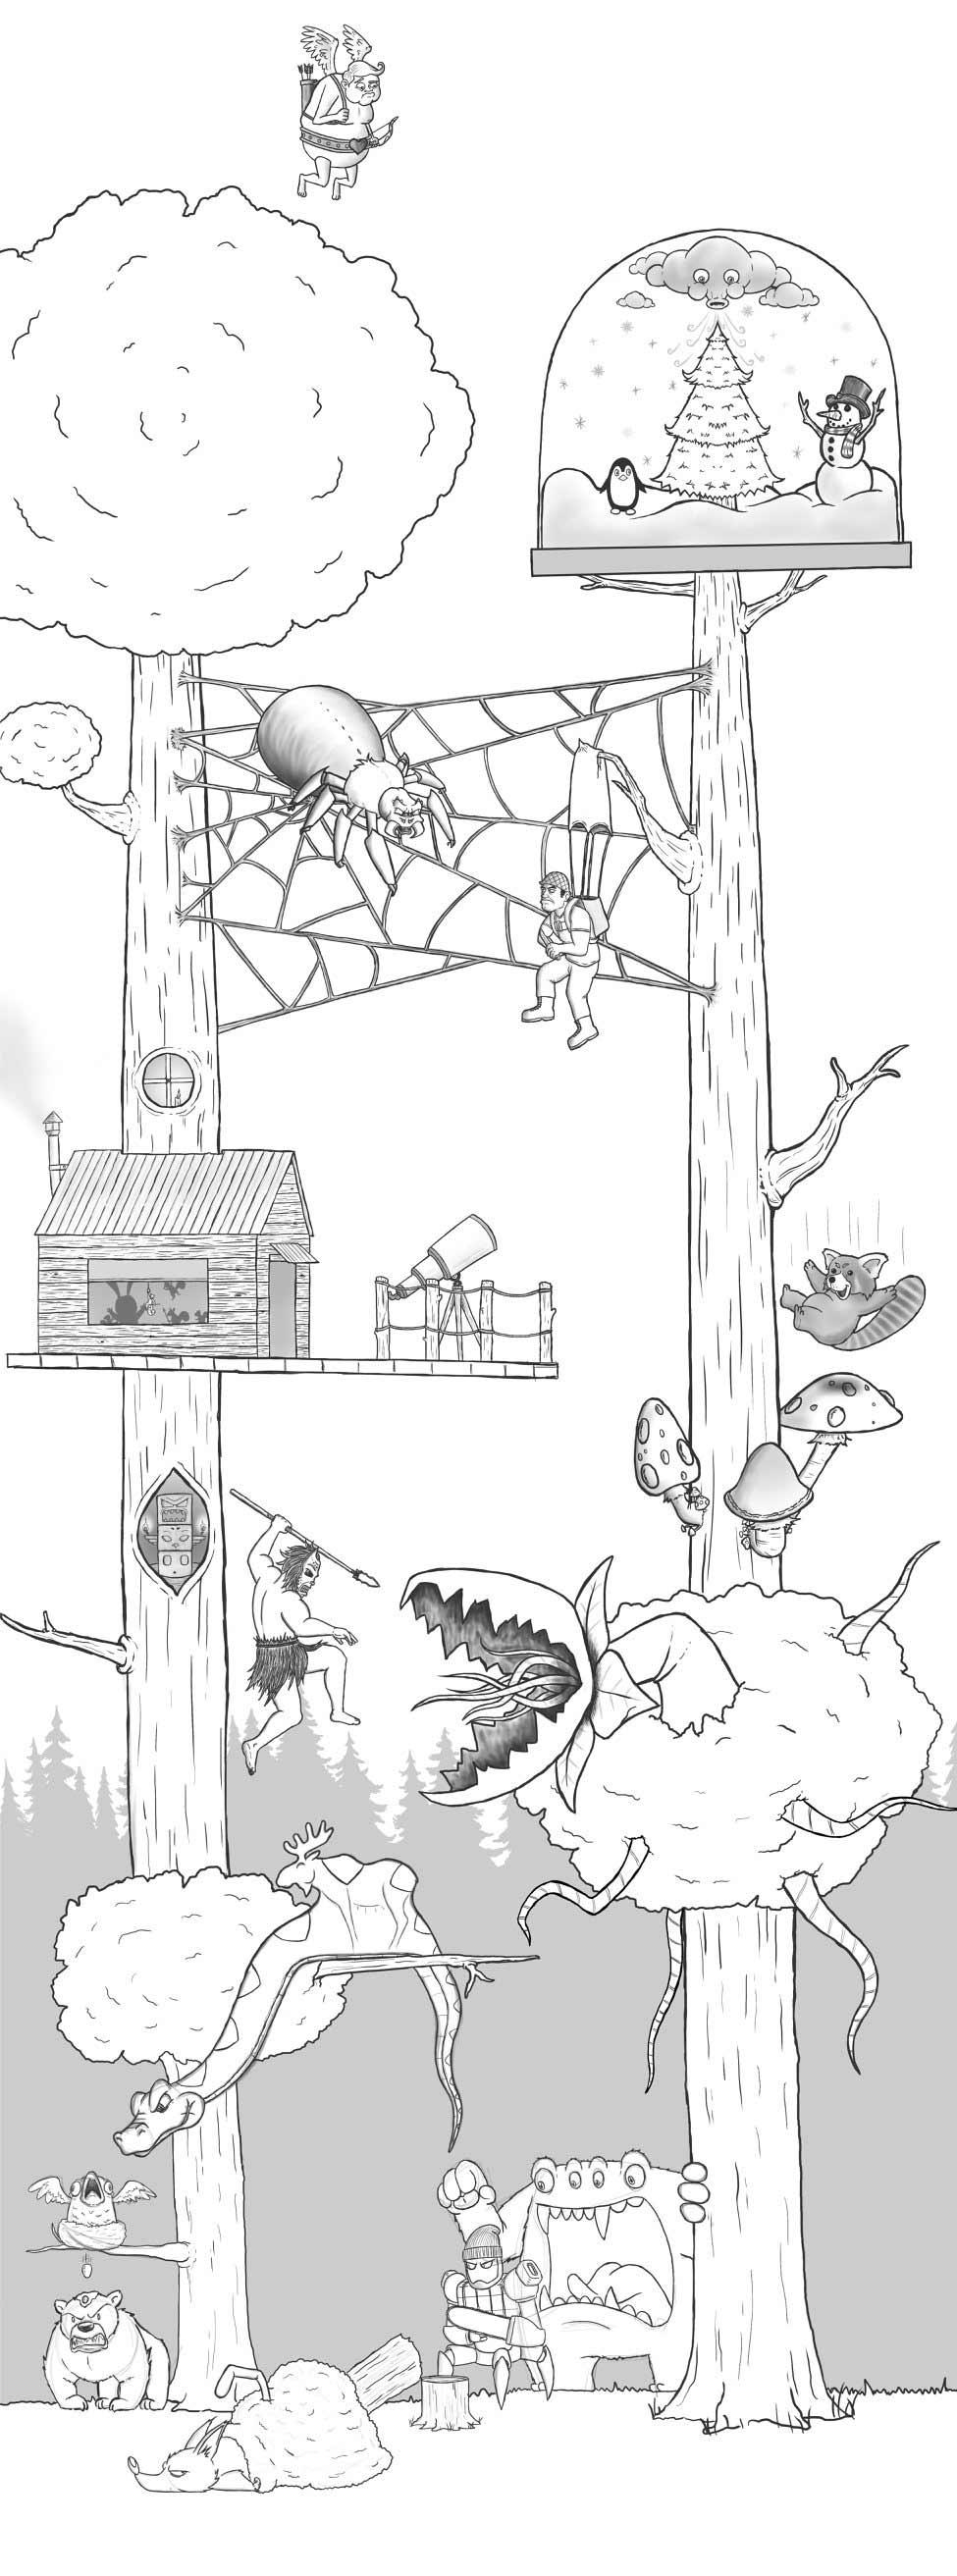 Eric Keledjian hat dieser Zeichnung jeden Tag eine Figur hinzugefügt Eric-Keledjian_19-tage-zeichnung_17